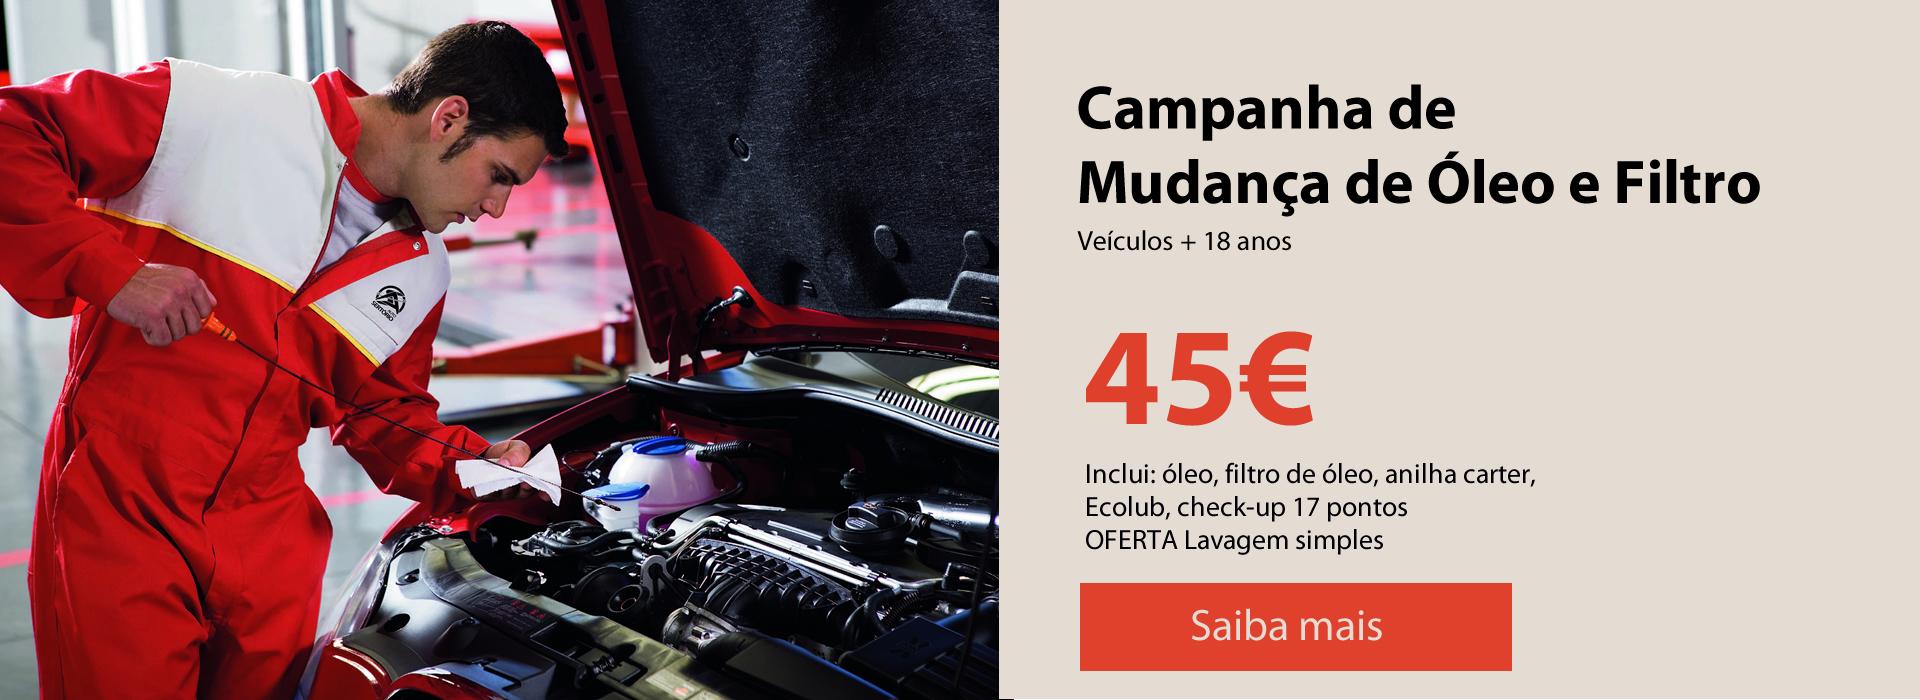 campanha_oficina_mudanca_oleo_autosertorio